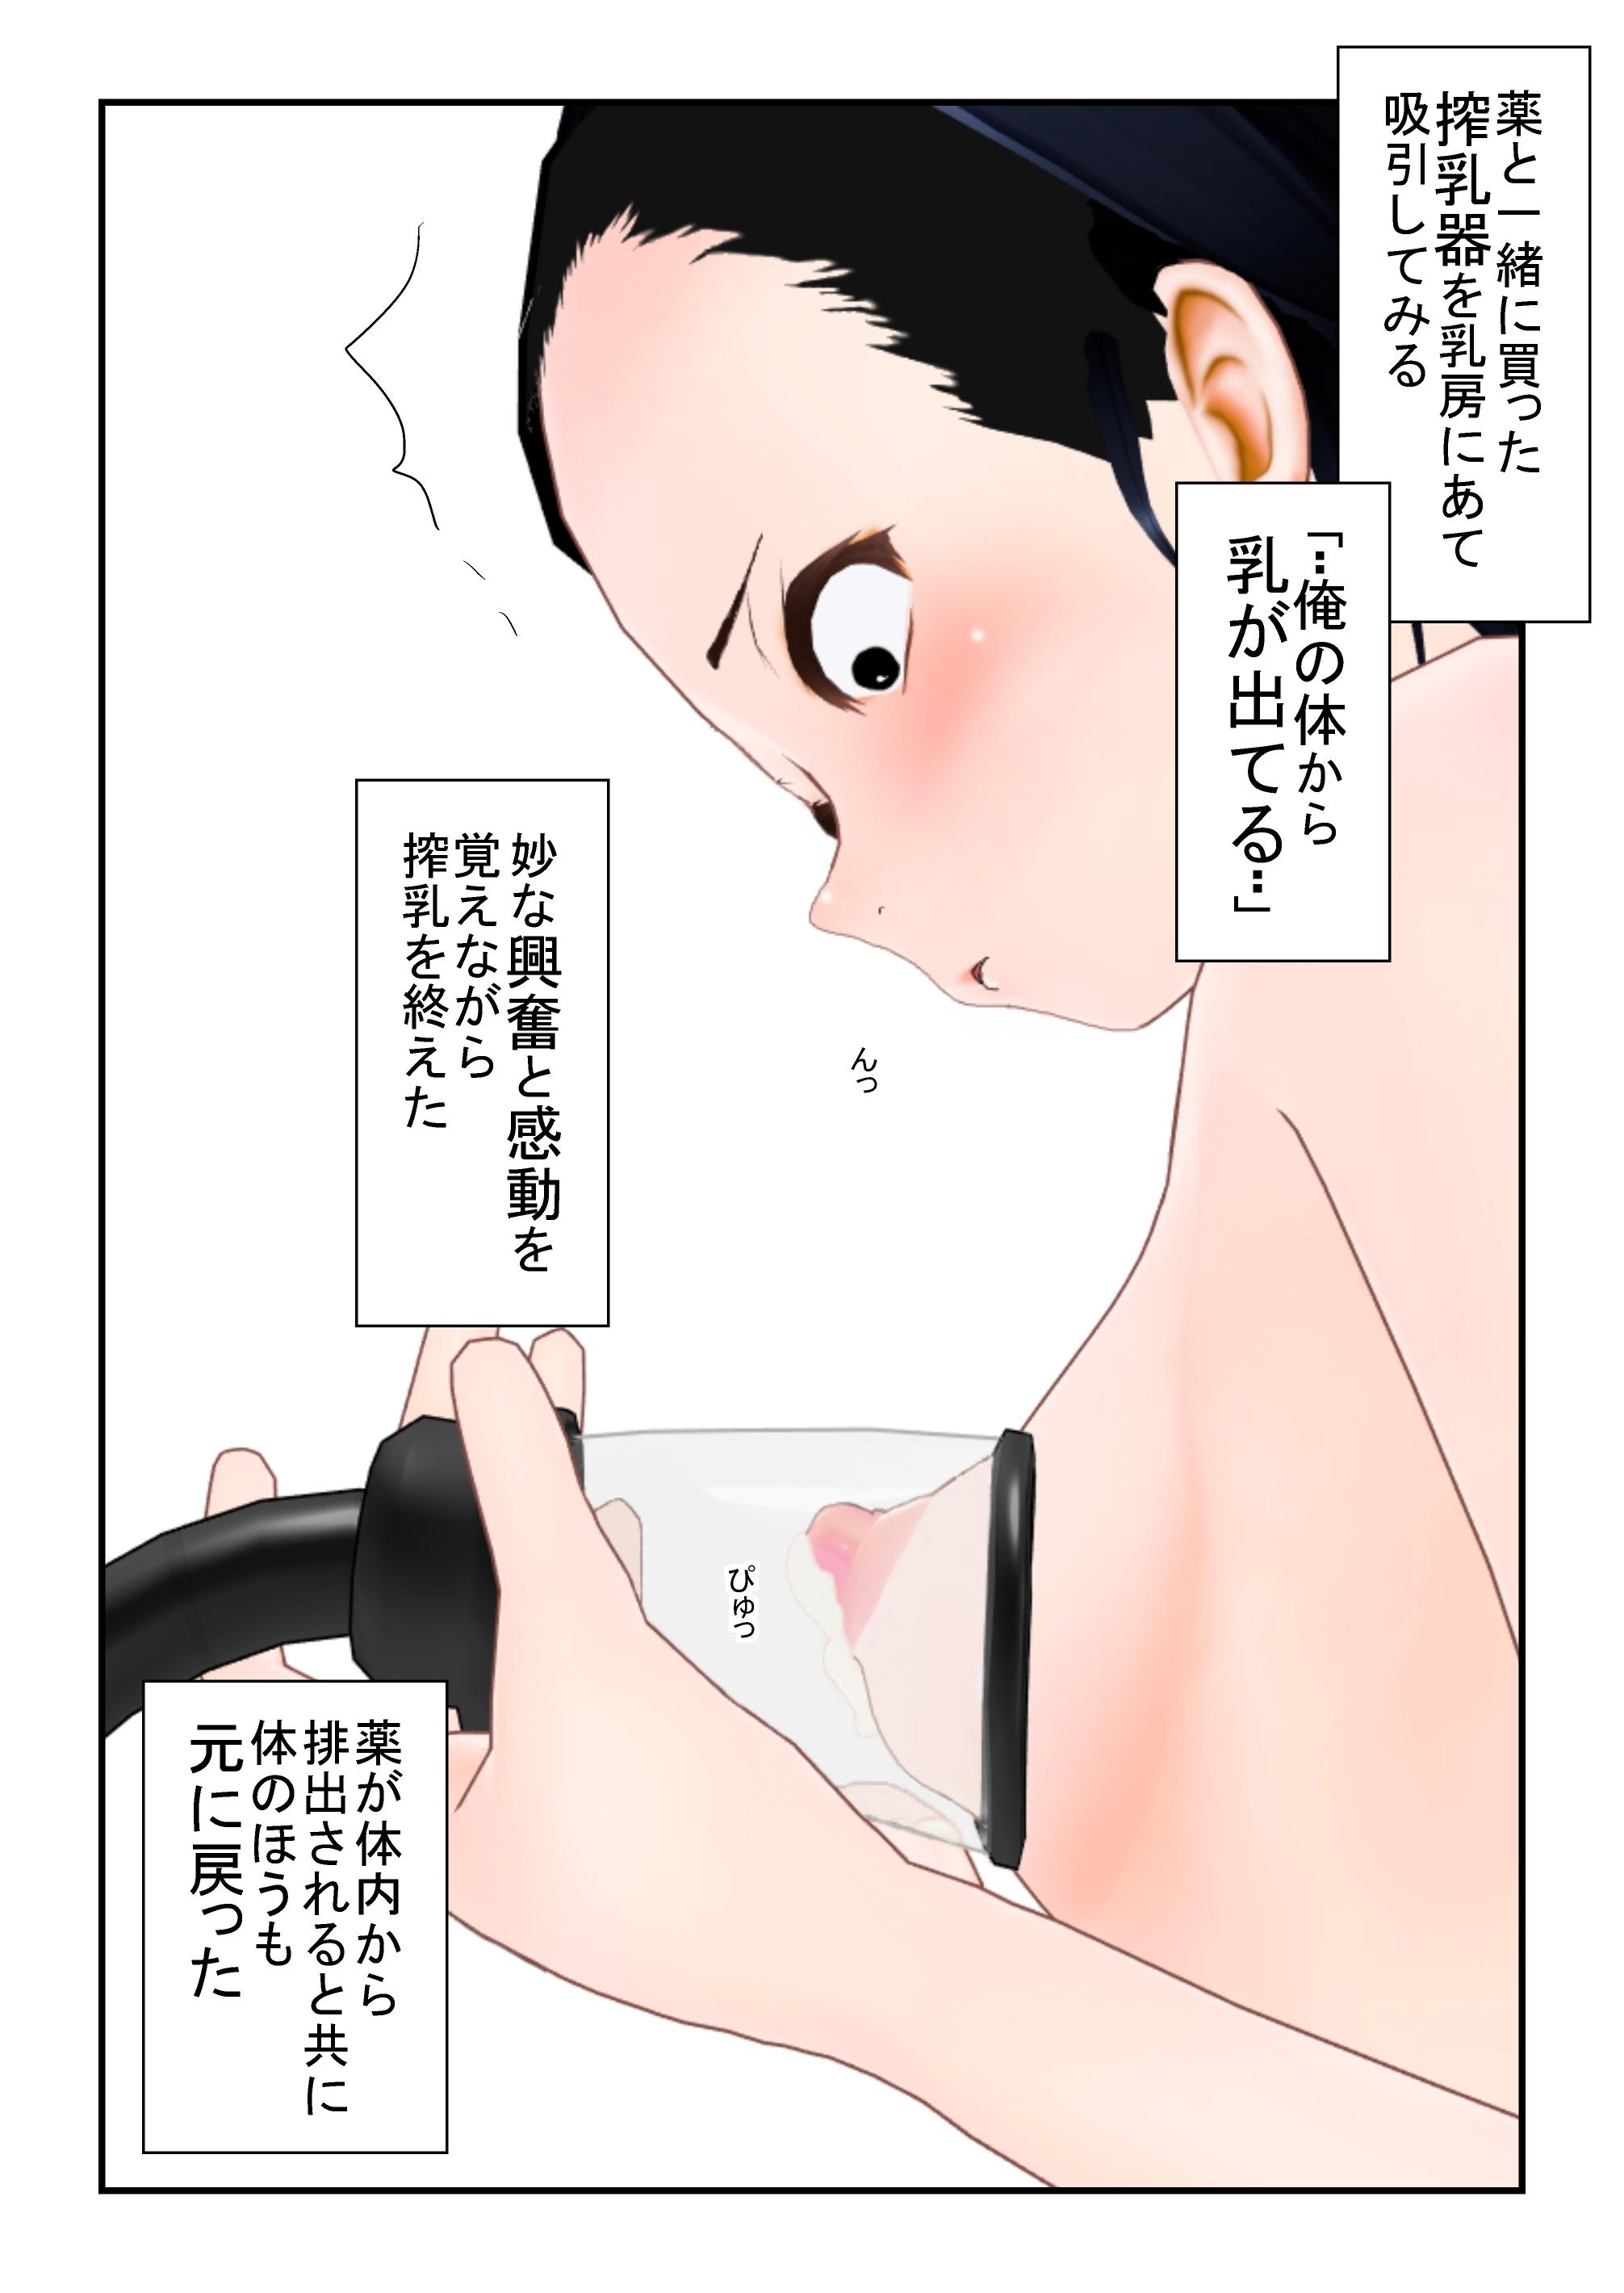 gyu_0003.jpg